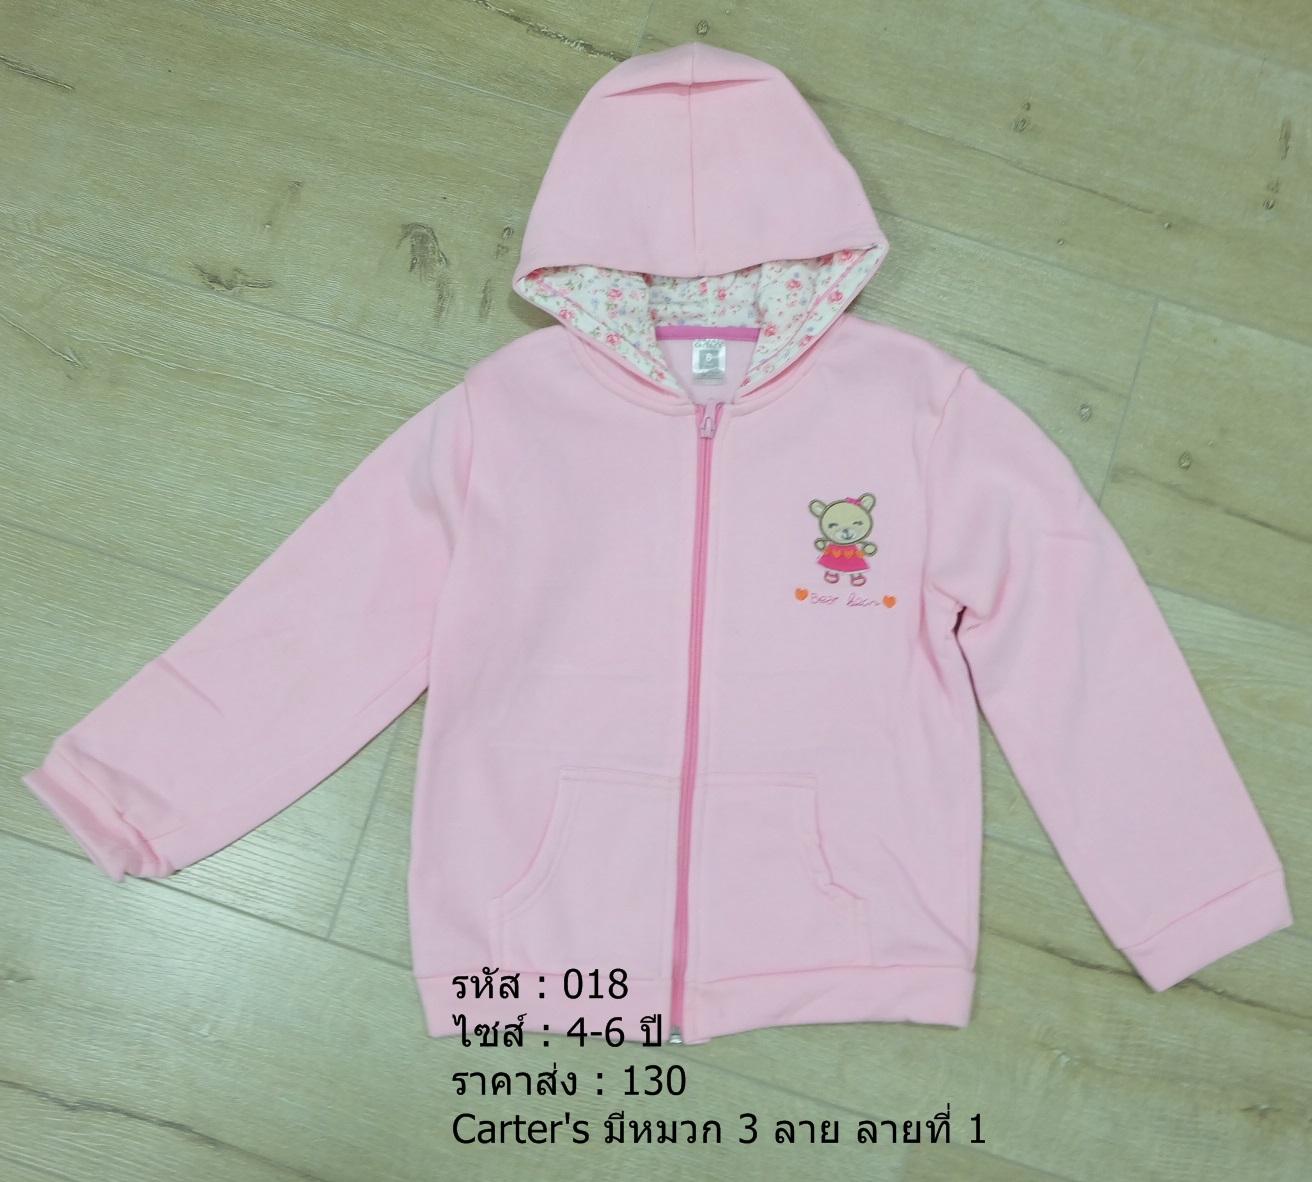 เสื้อกันหนาวเด็กสีชมพู